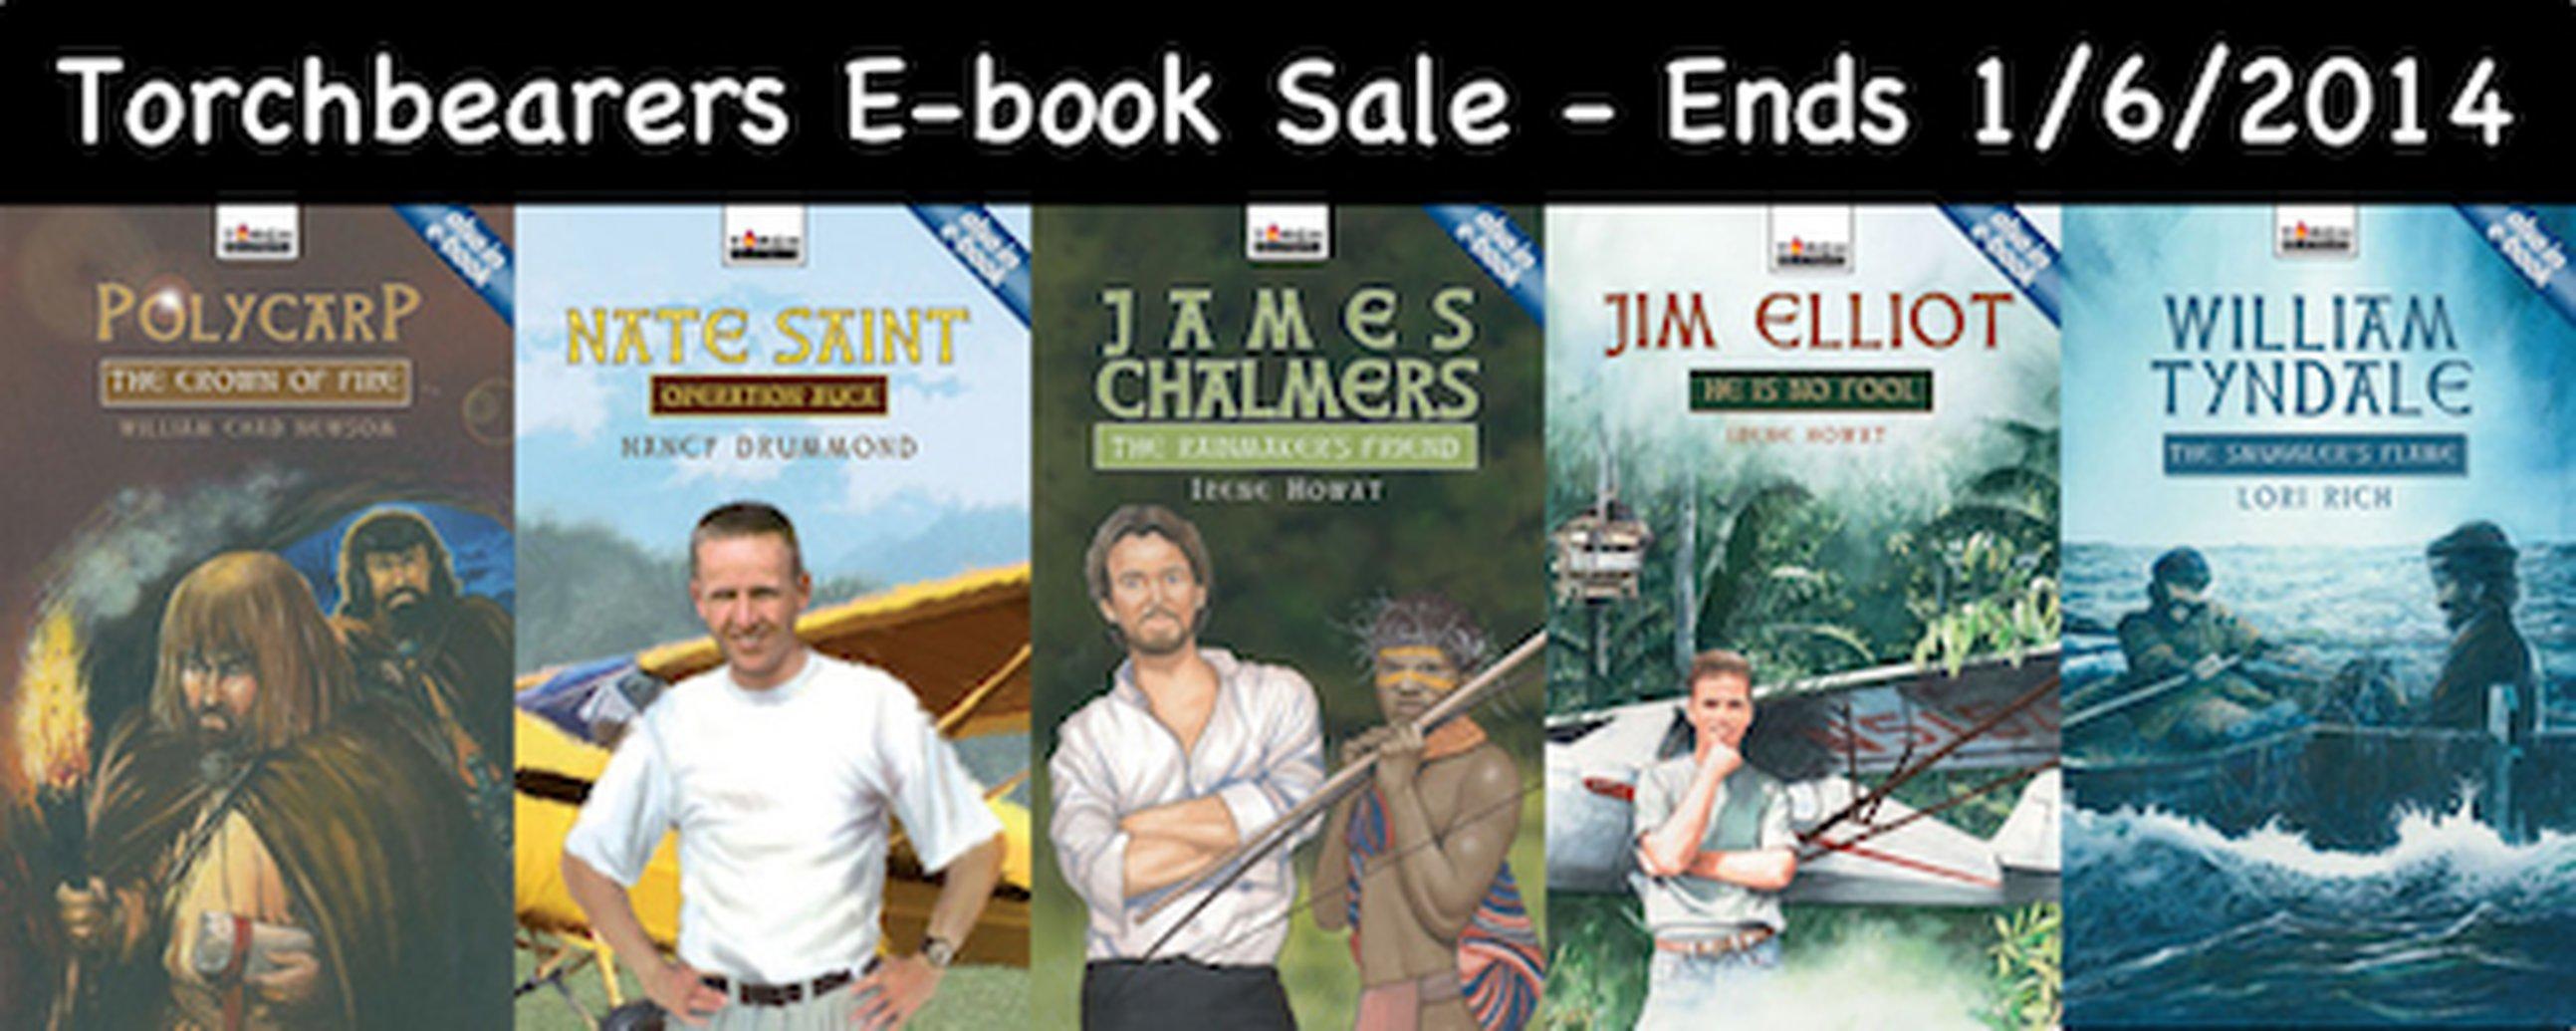 Torchbearers E-Book Sale